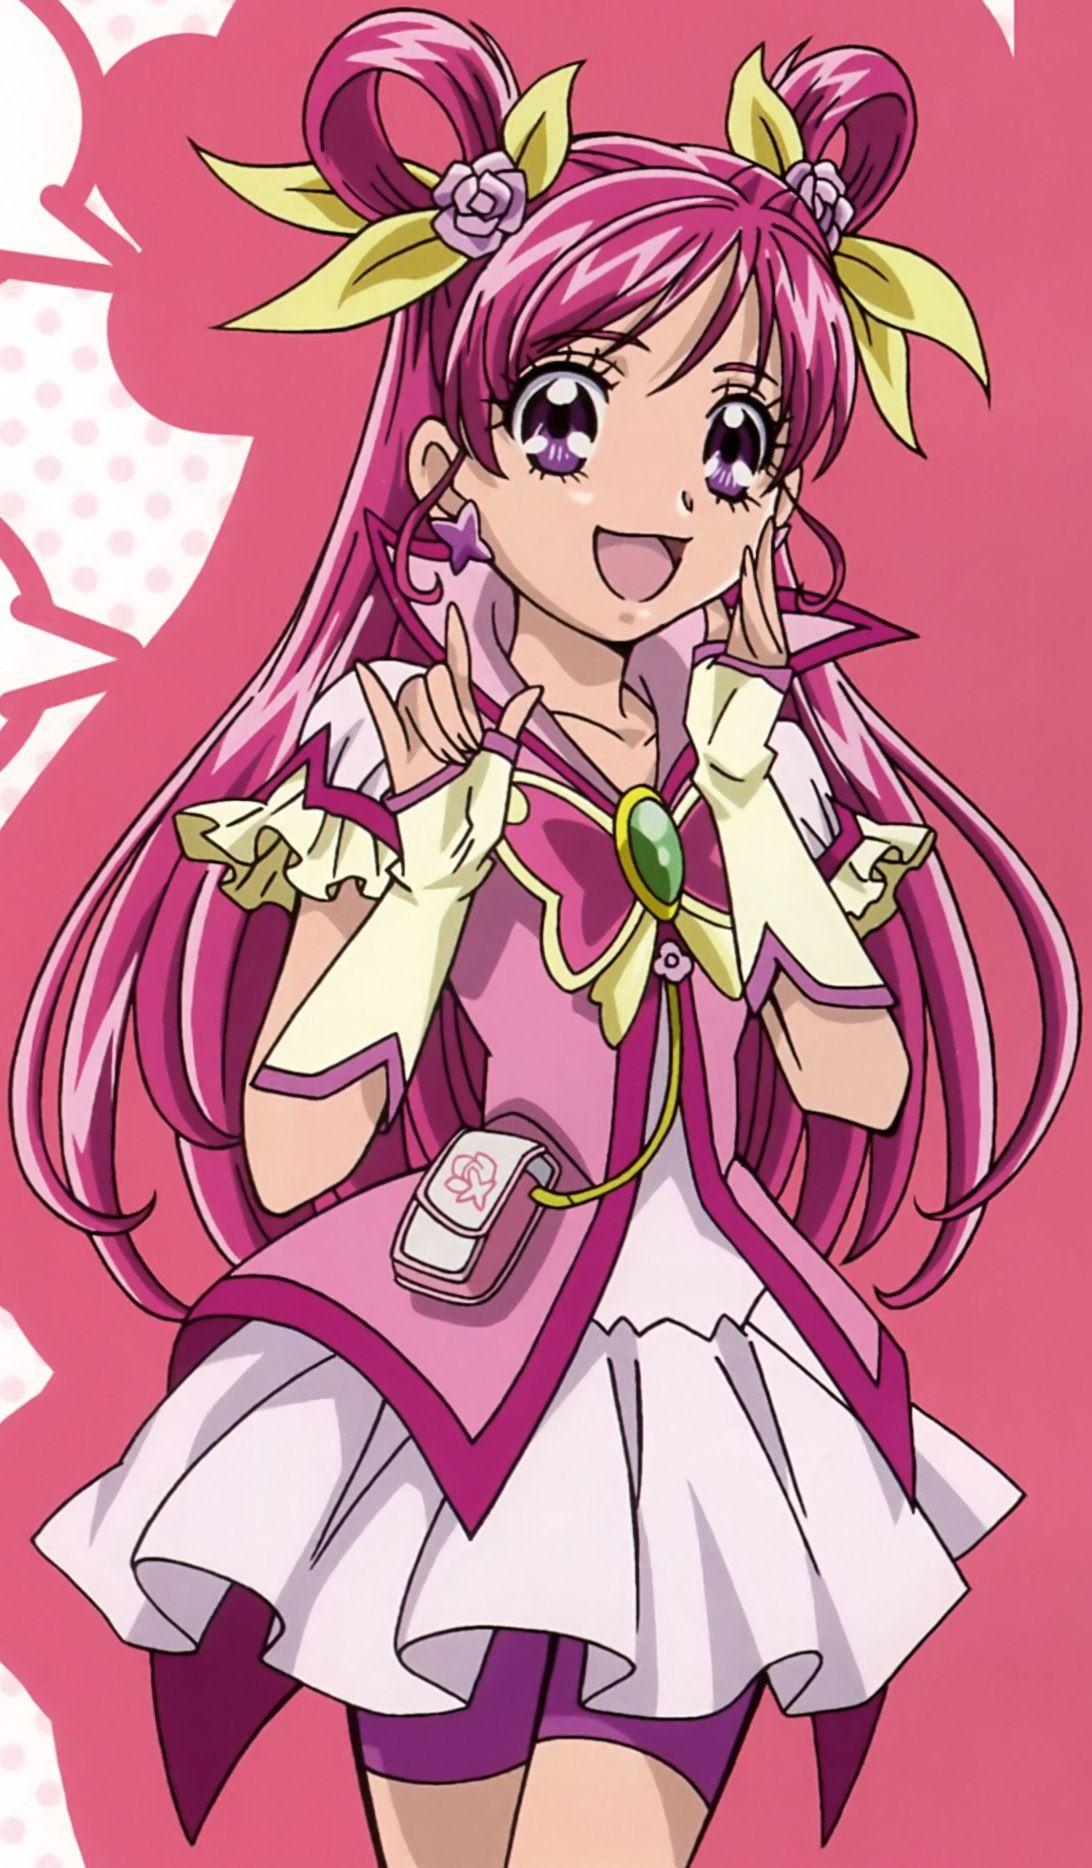 anime おしゃれまとめの人気アイデア pinterest larry holshu jr アニメ ヒロイン プリキュア 可愛い